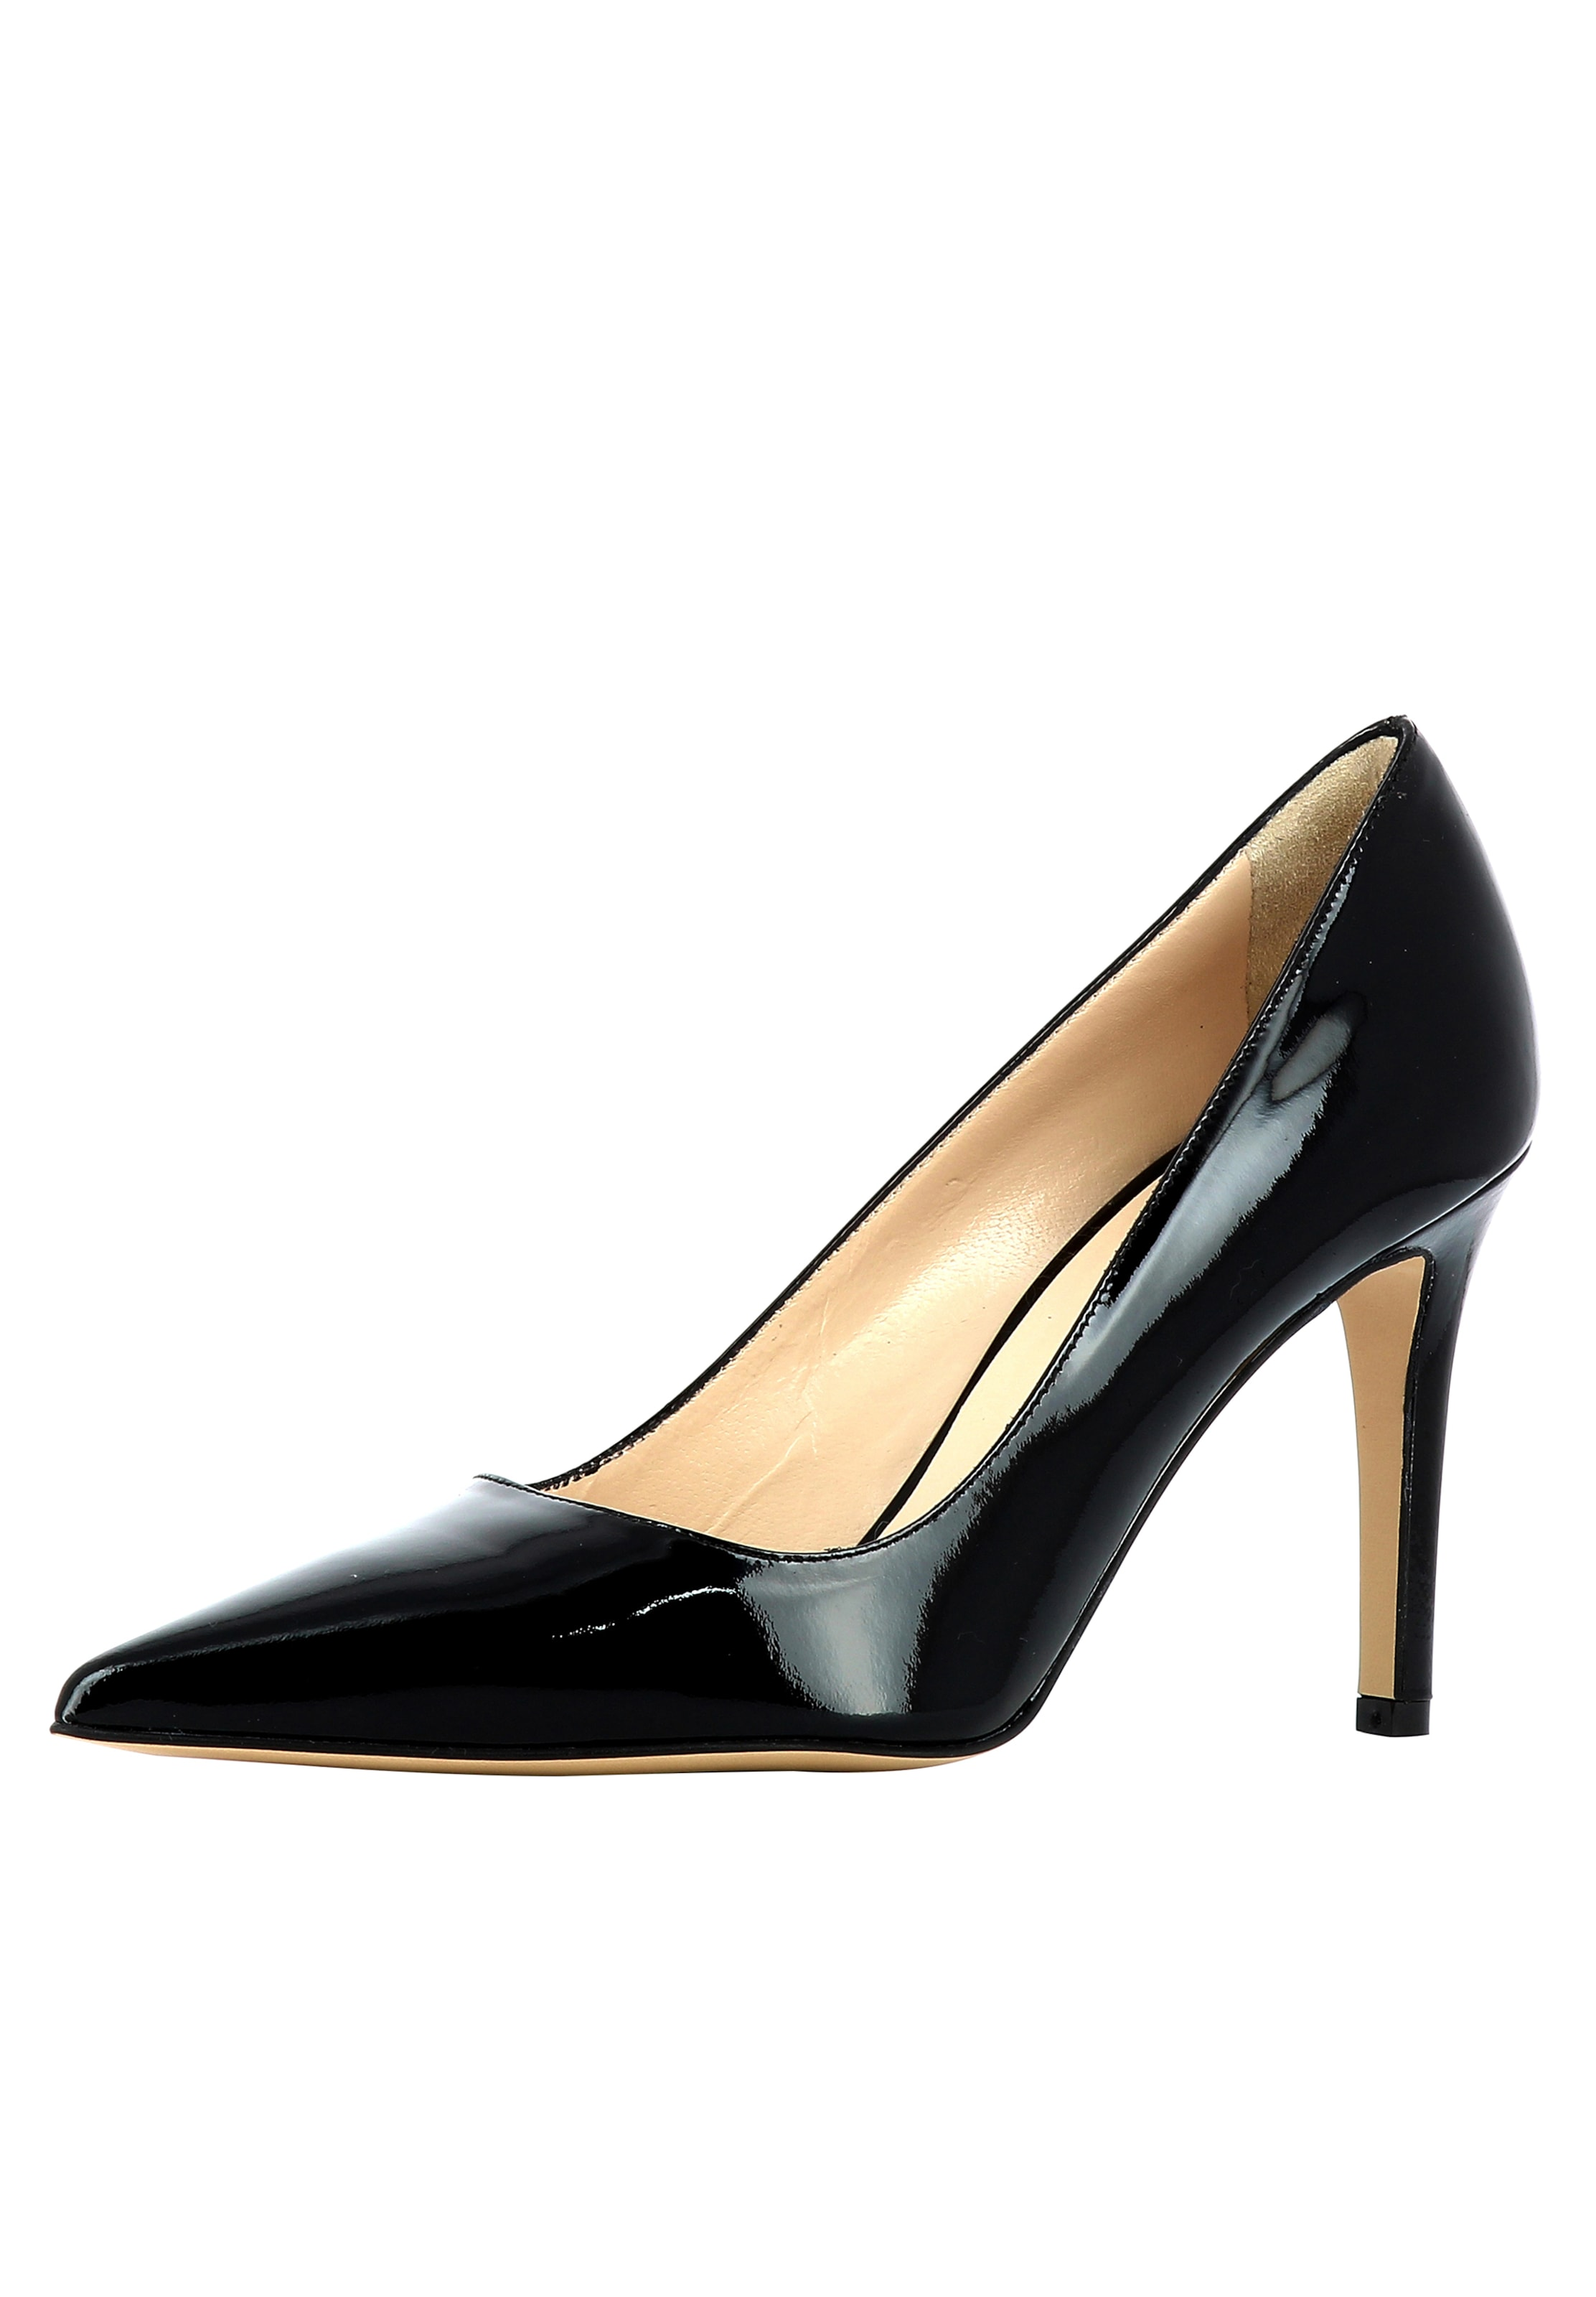 EVITA Pumps Verschleißfeste billige billige Verschleißfeste Schuhe Hohe Qualität b694da